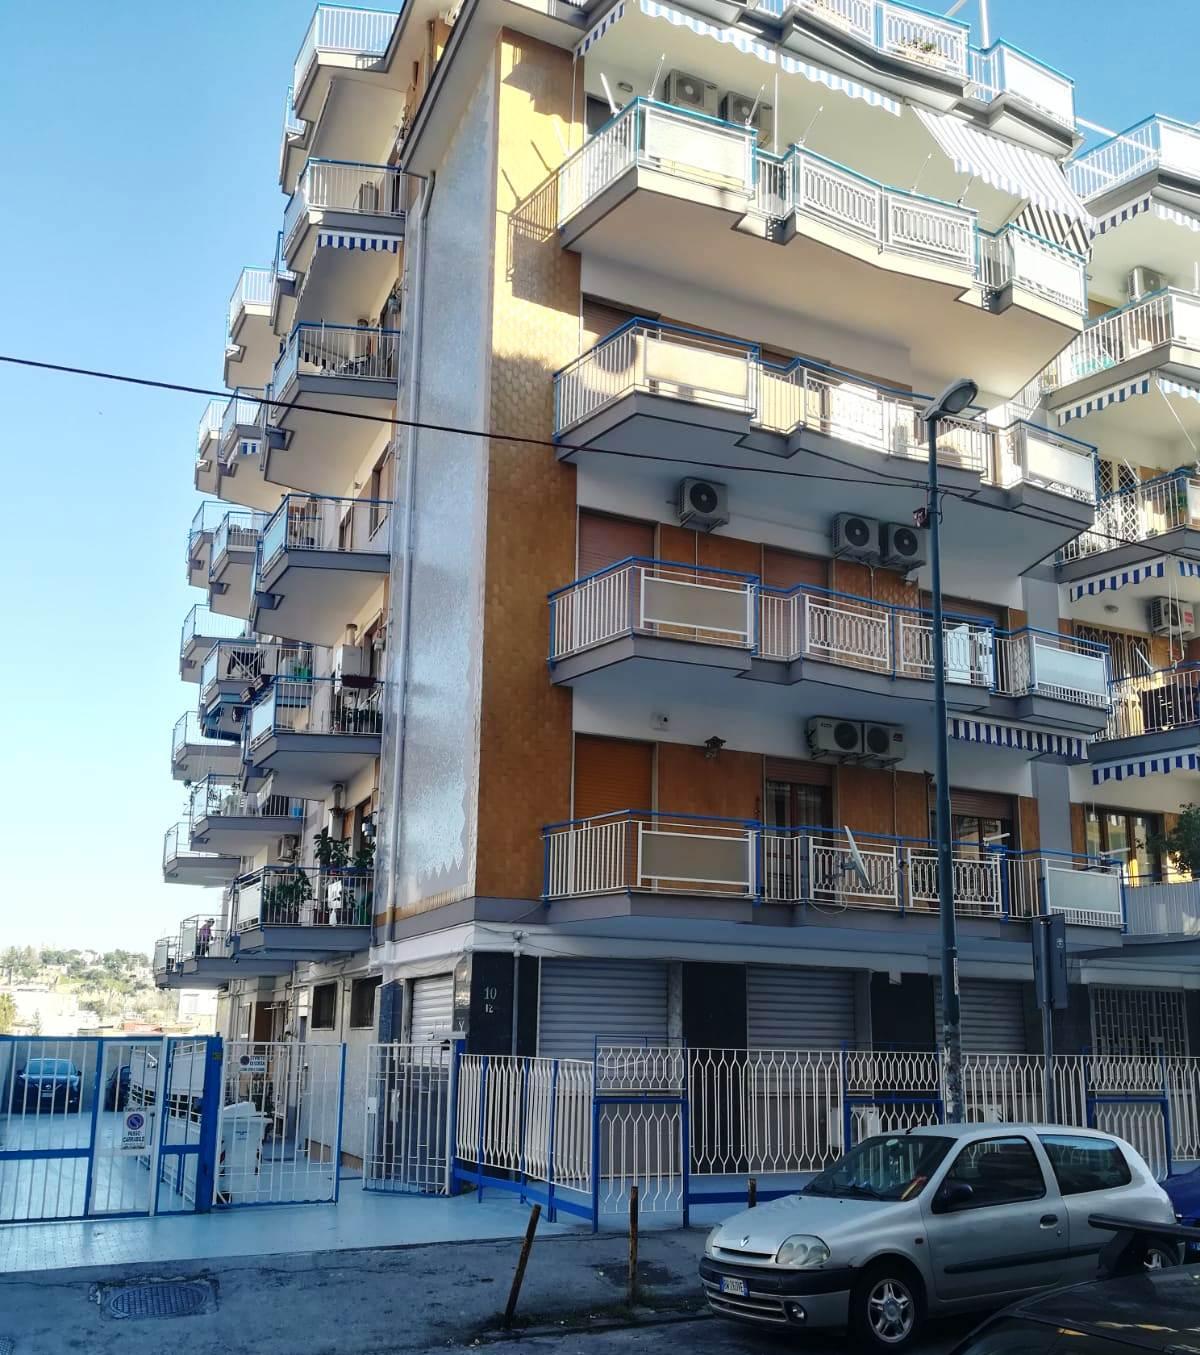 Napoli, Via Appulo